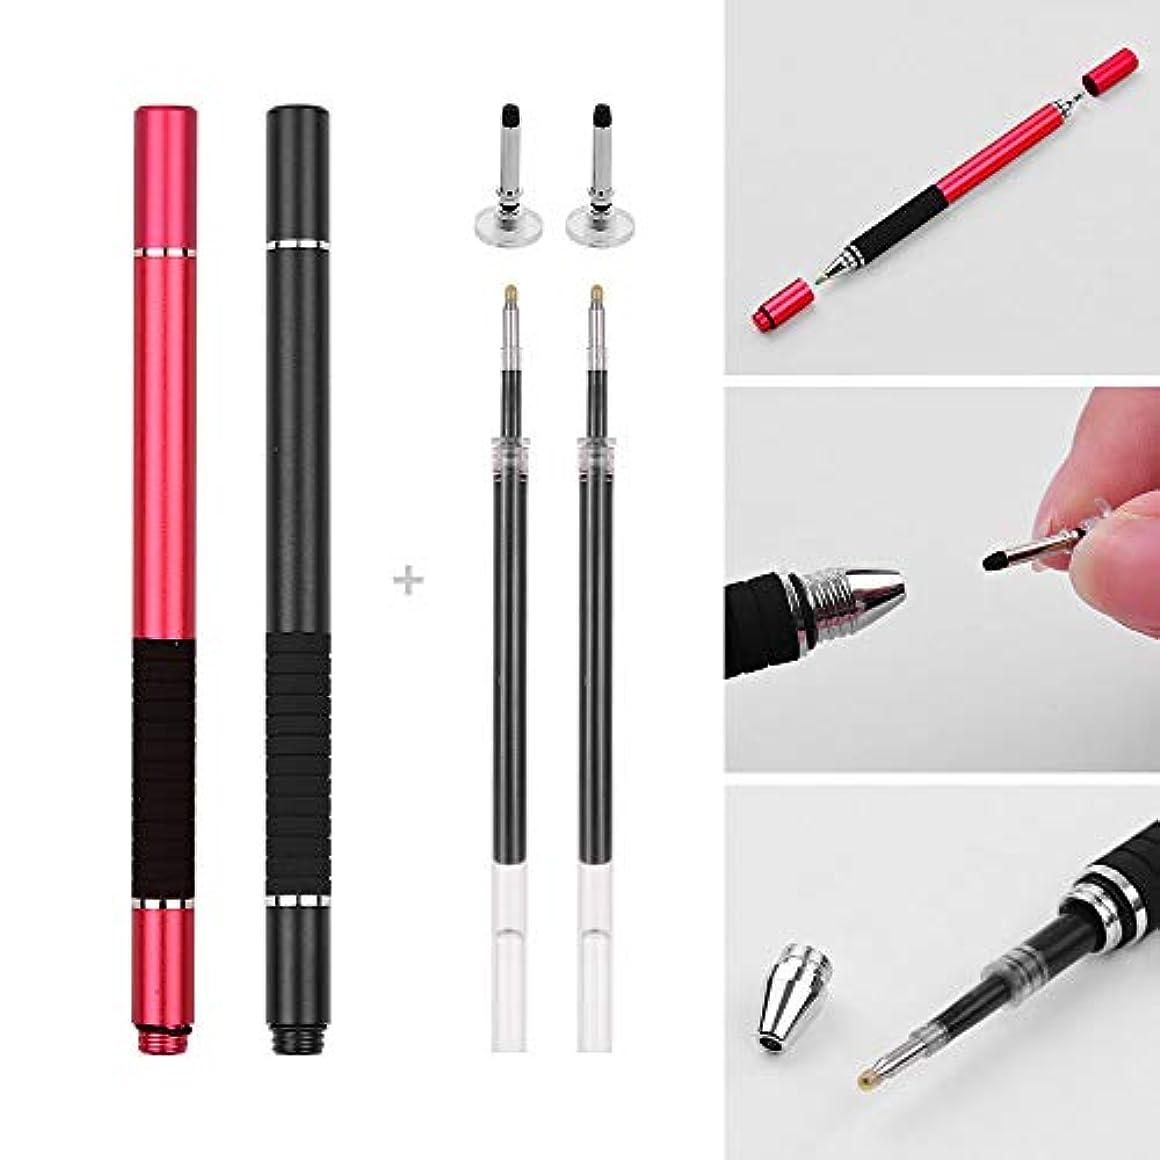 ペナルティ履歴書気まぐれなAibecy 2in1の精密スタイラスペン、2inchの黒/赤の携帯電話のタブレットパック用の容量性のタッチスクリーンスタイラスペン